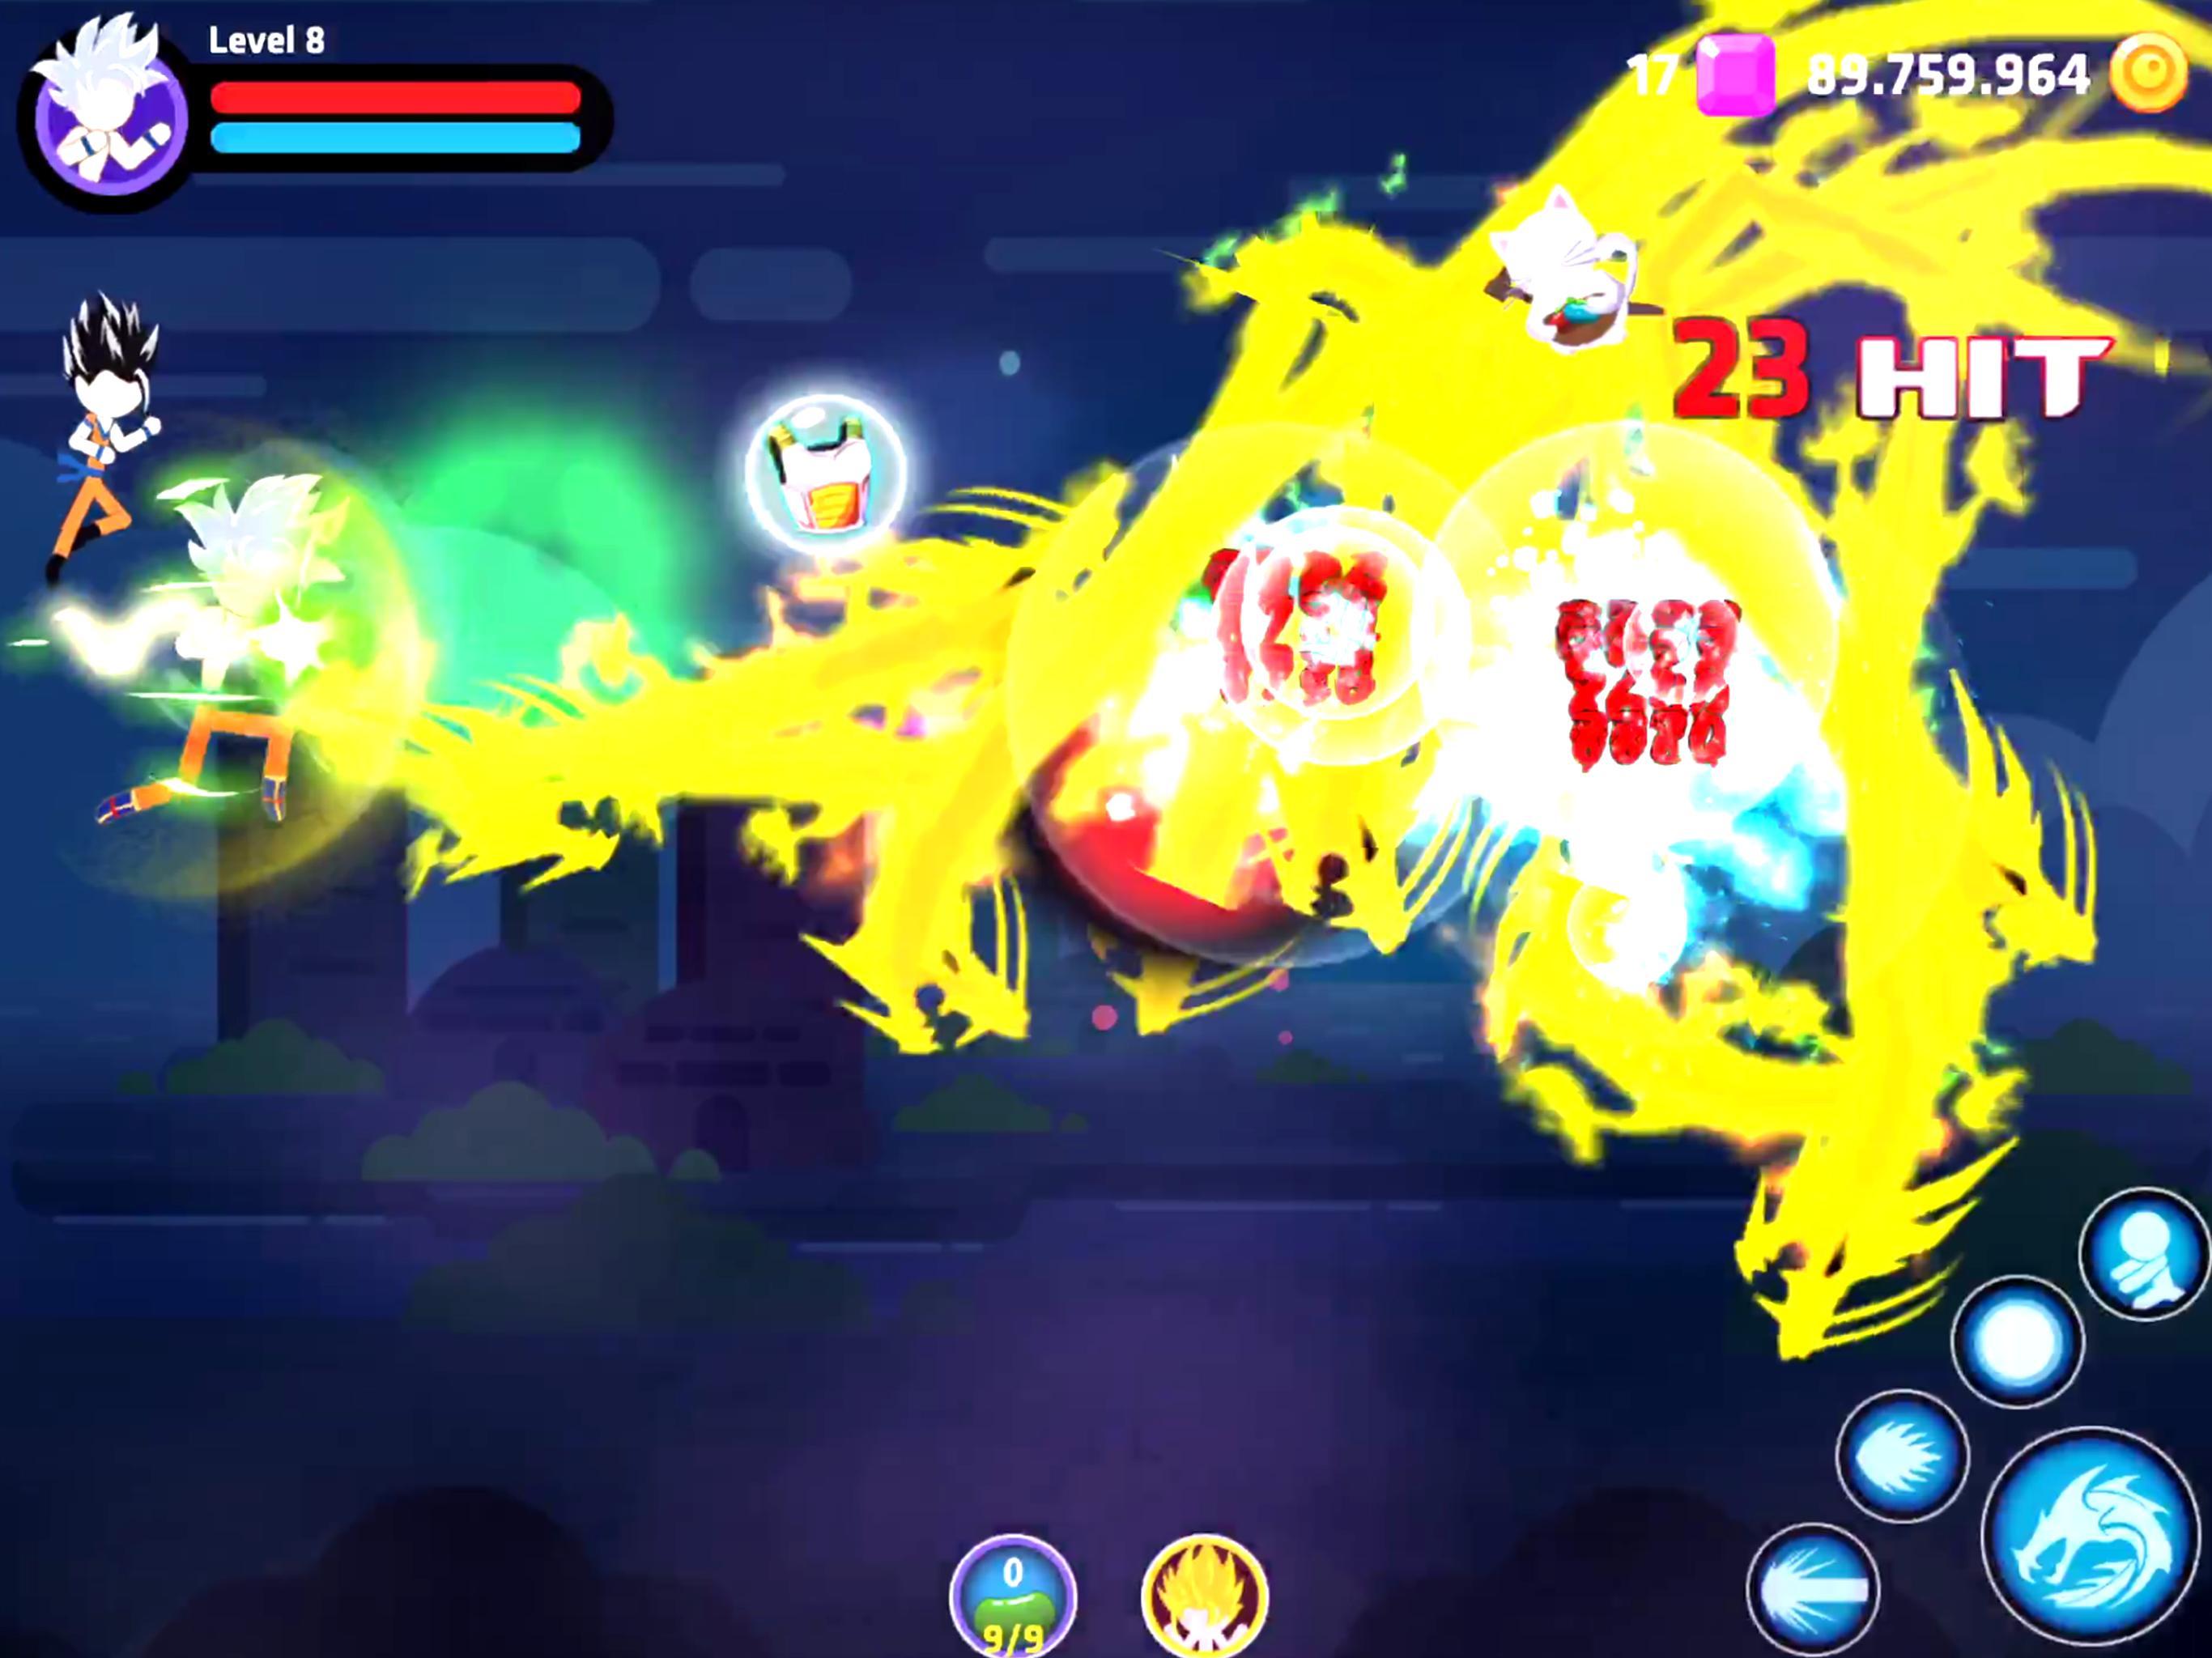 Stick Super Fight 1.4 Screenshot 15